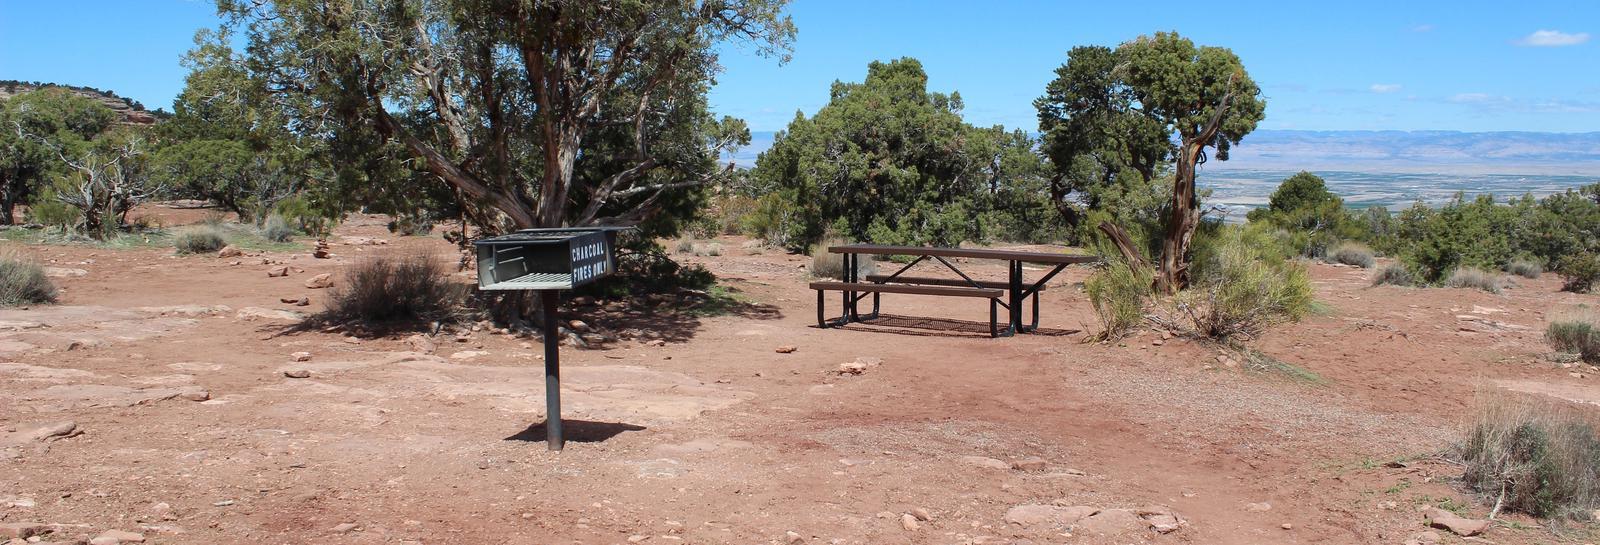 Loop B Site 49